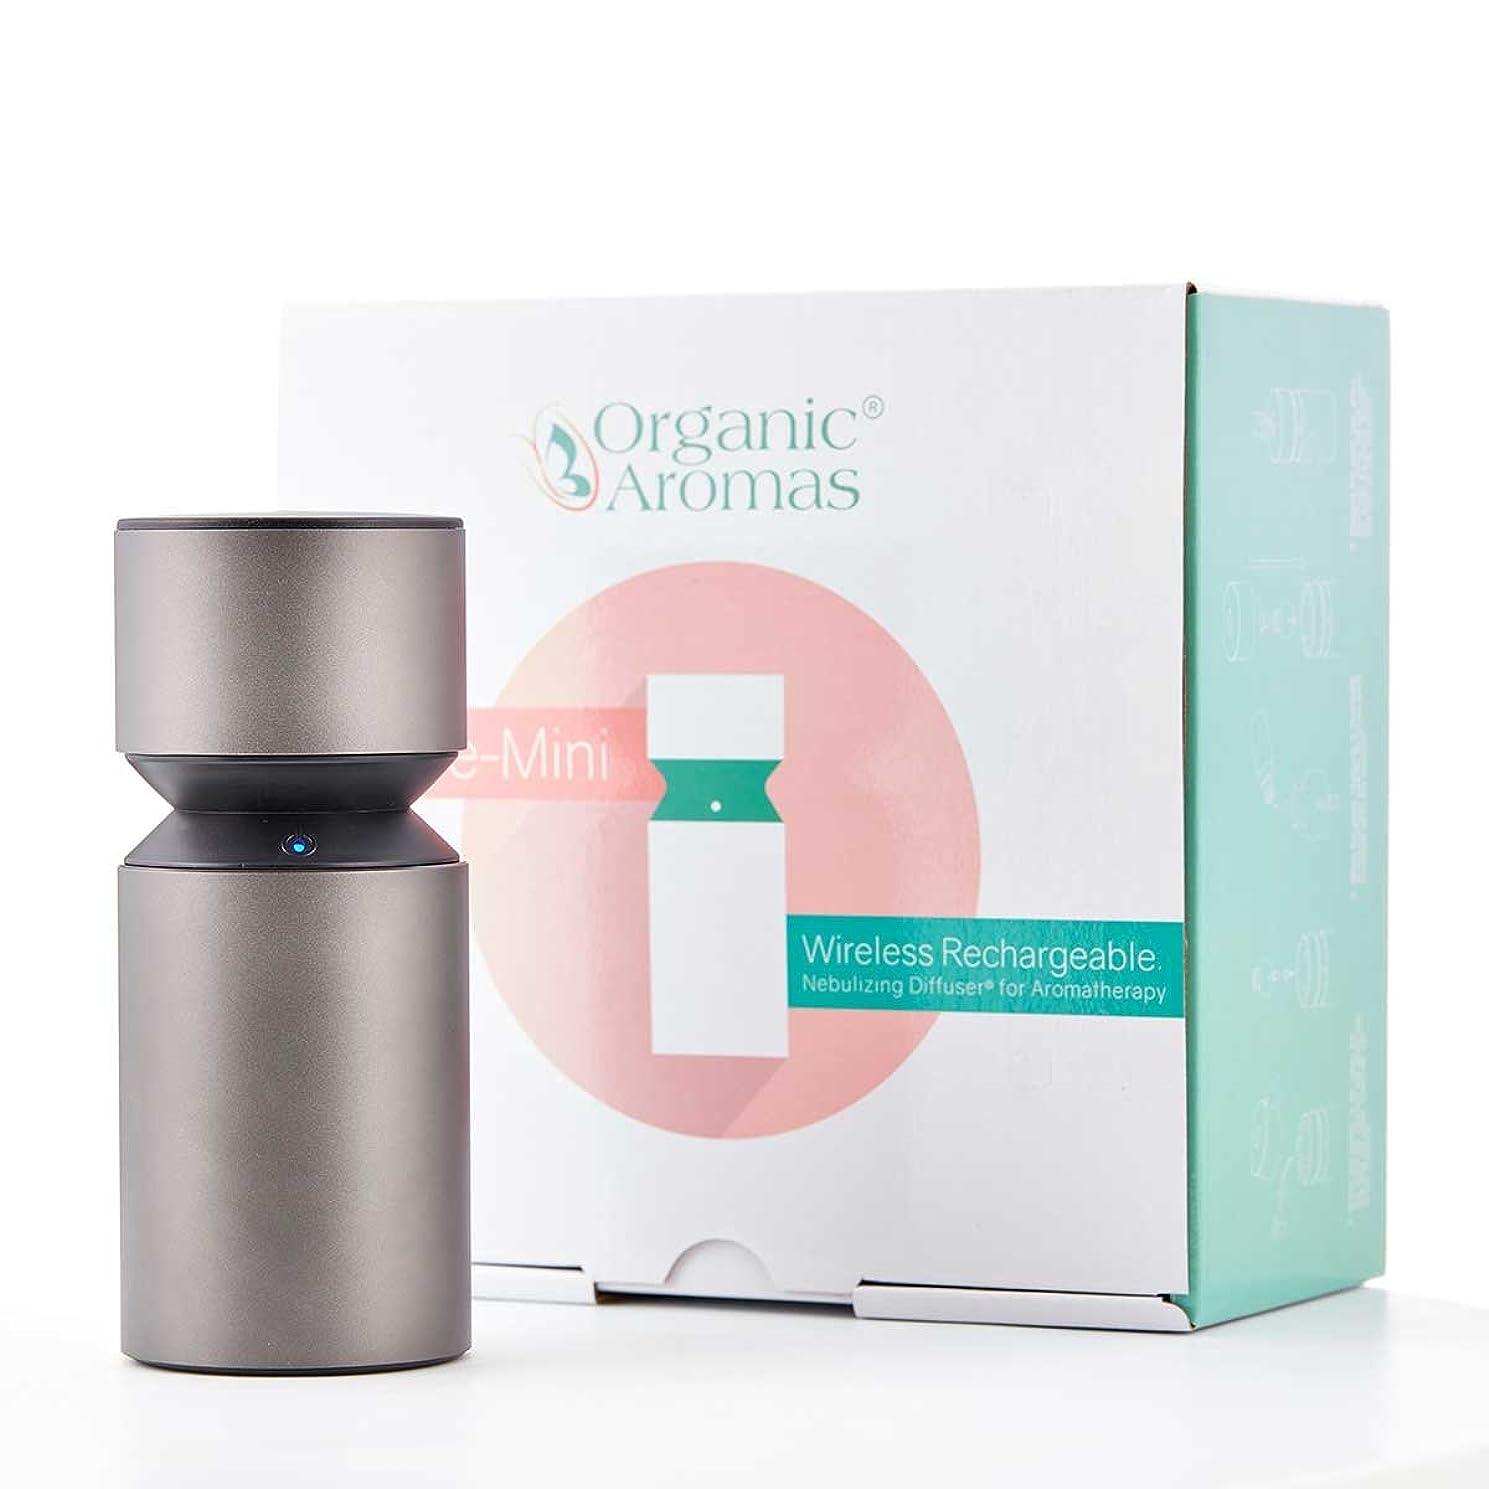 露出度の高い静める複製Organic Aromas アロマテラピー用モバイルミニ 2.0ワイヤレス充電式噴霧ディフューザー 1